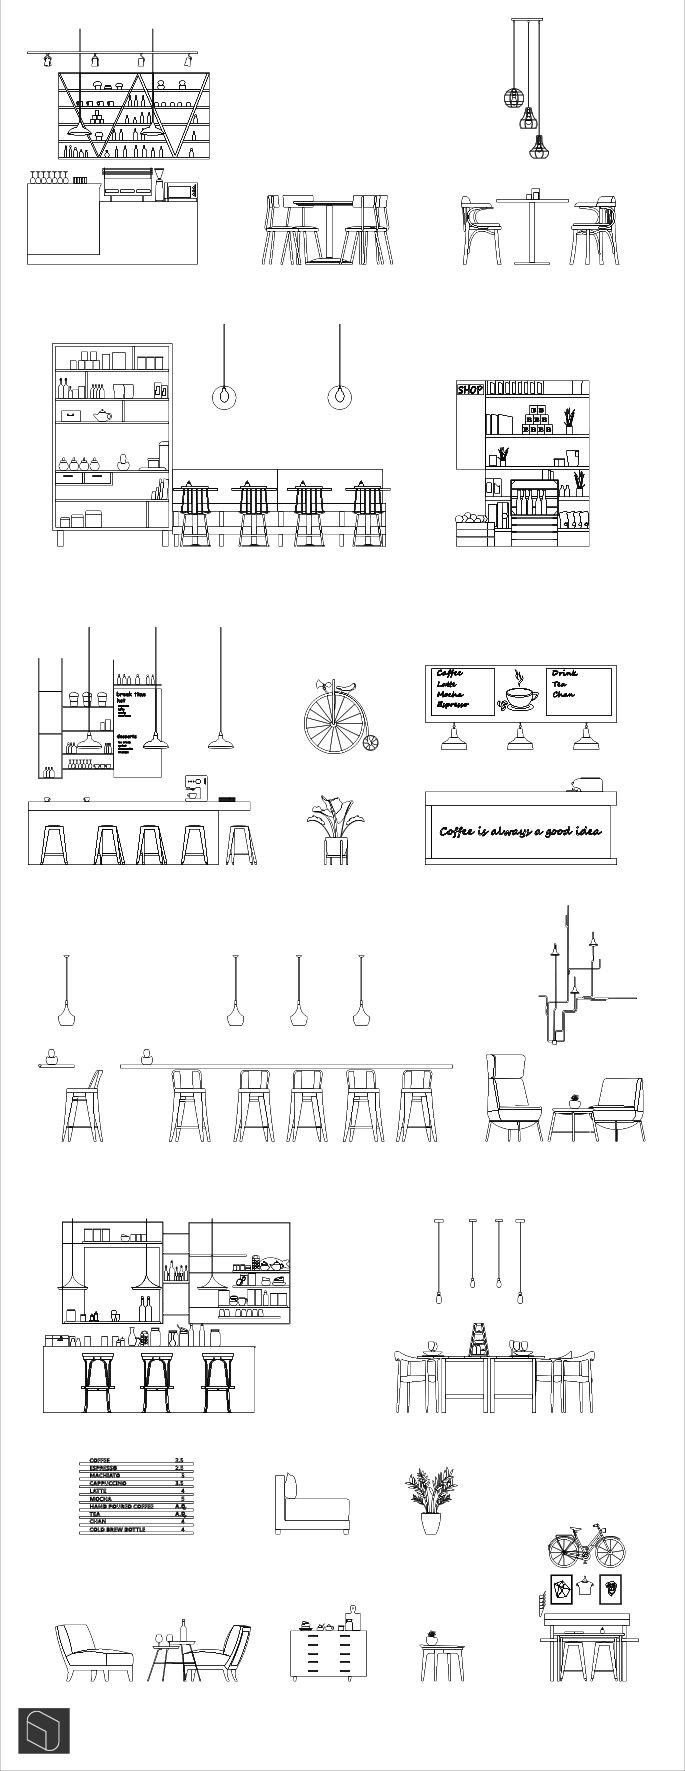 Pin Na Doske Diagrams Drawings